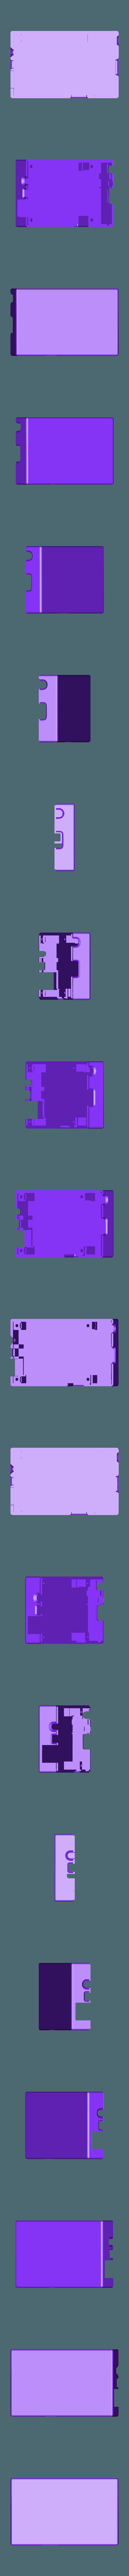 cubieboard-case-top.stl Télécharger fichier SCAD gratuit Générateur de cas universel avec exemple de cas pour Cubieboard • Modèle imprimable en 3D, Urgnarb